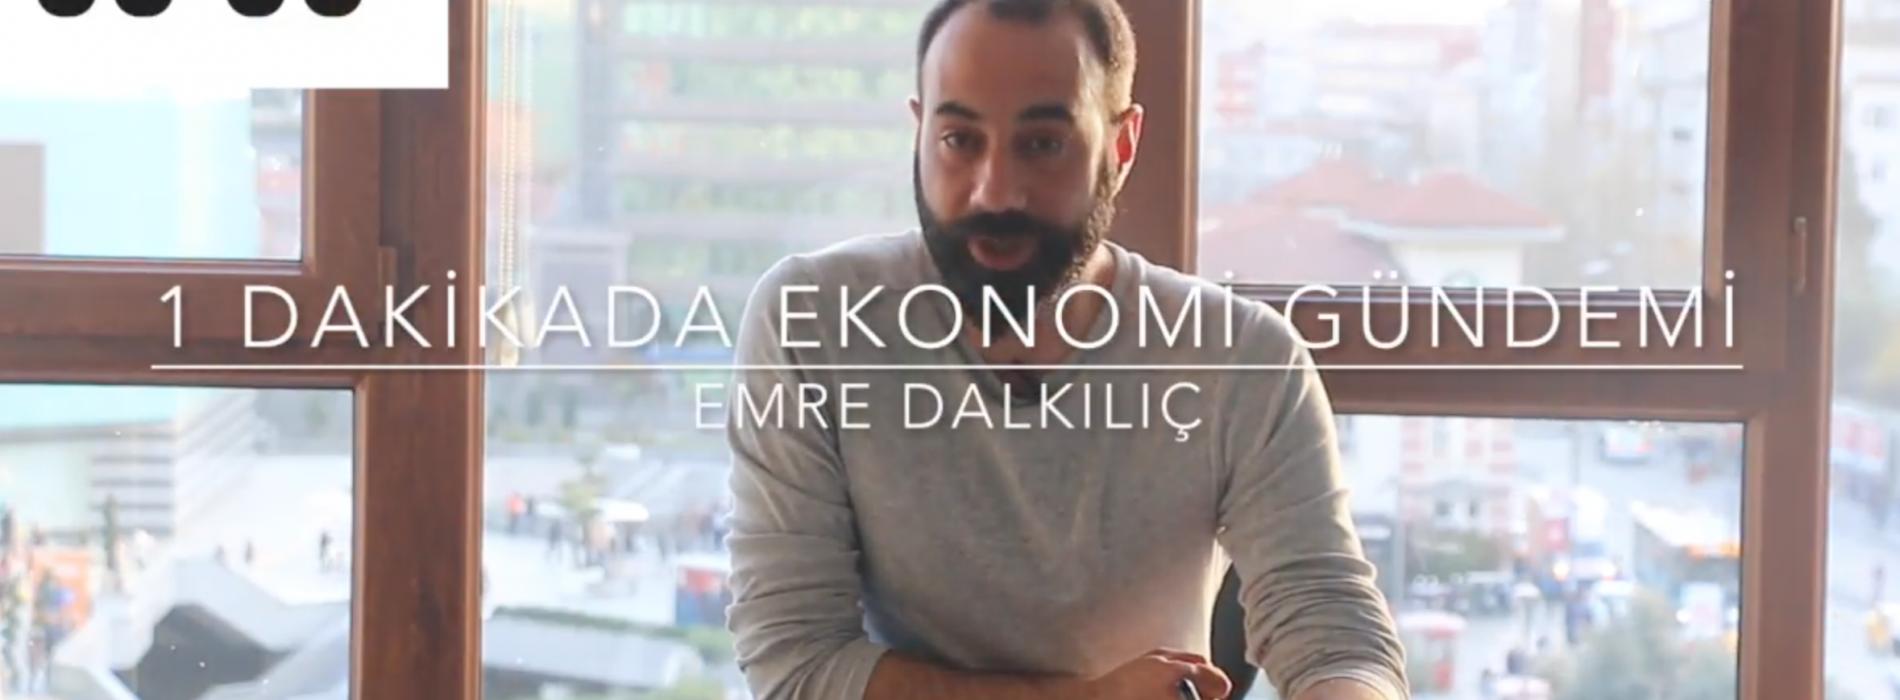 1 Dakikada Ekonomi Gündemi-31.03.17